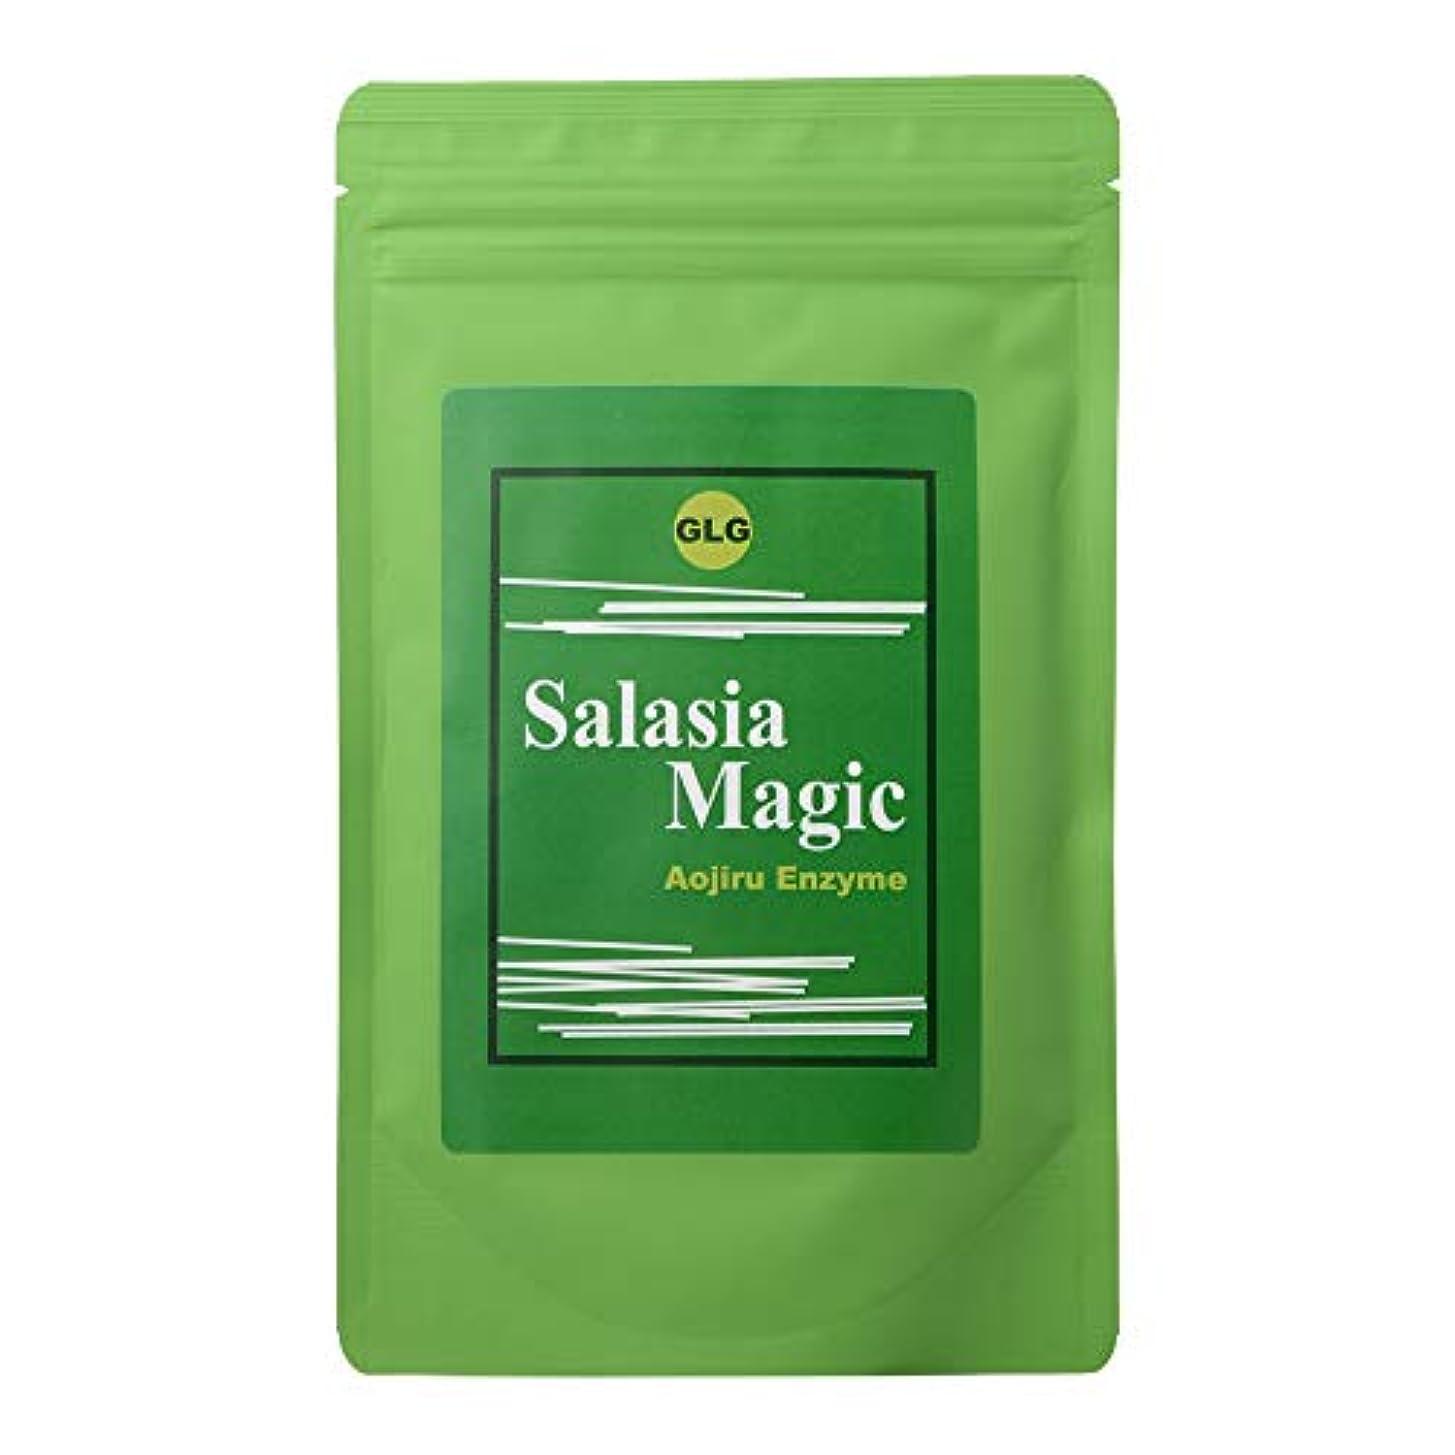 ブリッジ粒スケッチサラシアマジック 青汁酵素 (ダイエットドリンク) お茶 健康飲料 粉末 [内容量150g/ 説明書付き]